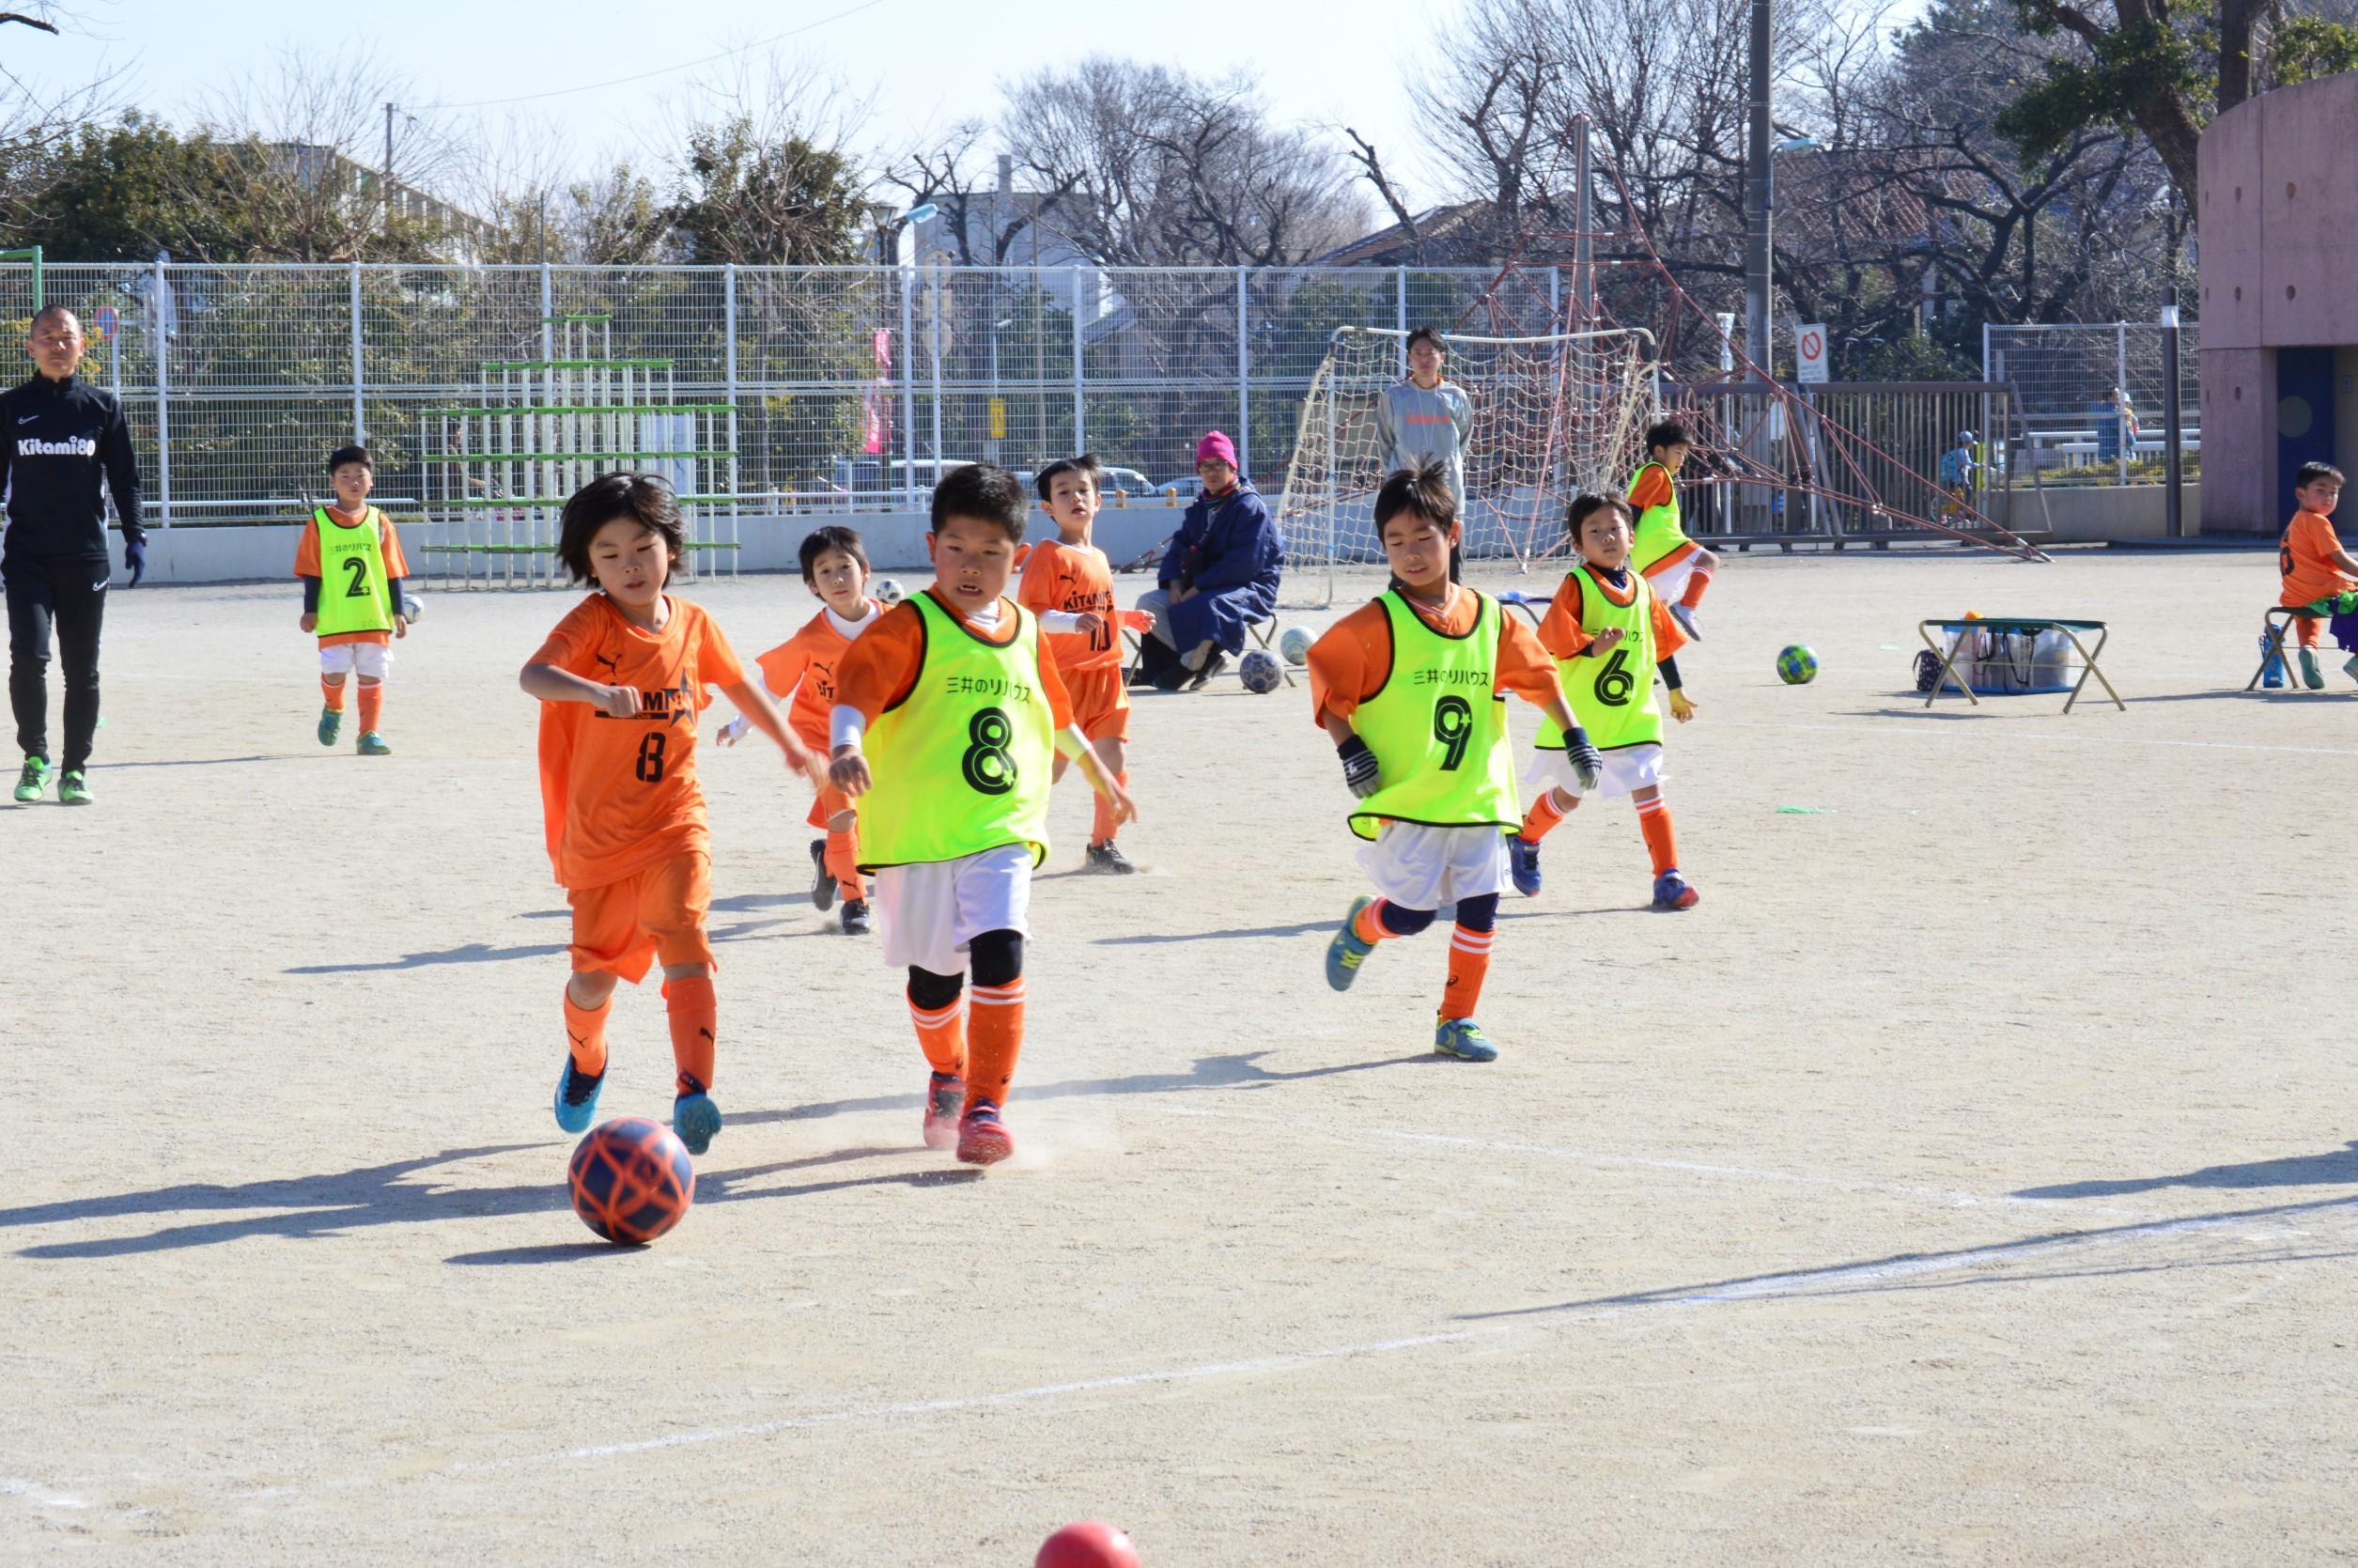 http://www.fc-chouwa.net/blog/images/2FAD35E2-8C64-4DE1-AA86-D1A76D965FD0.jpeg